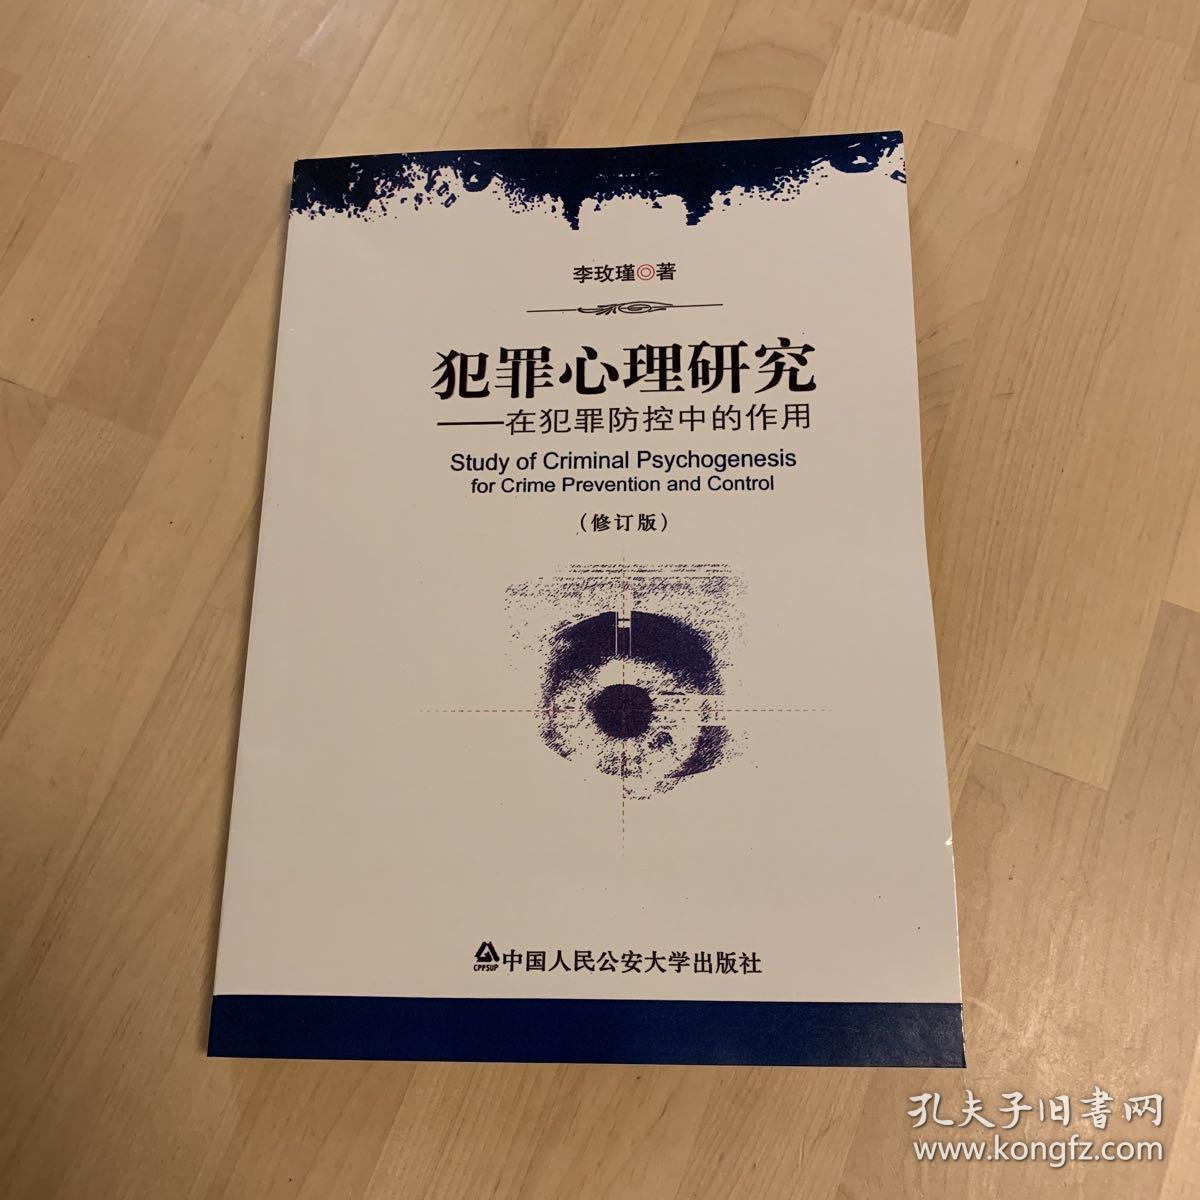 犯罪心理研究(修订版)